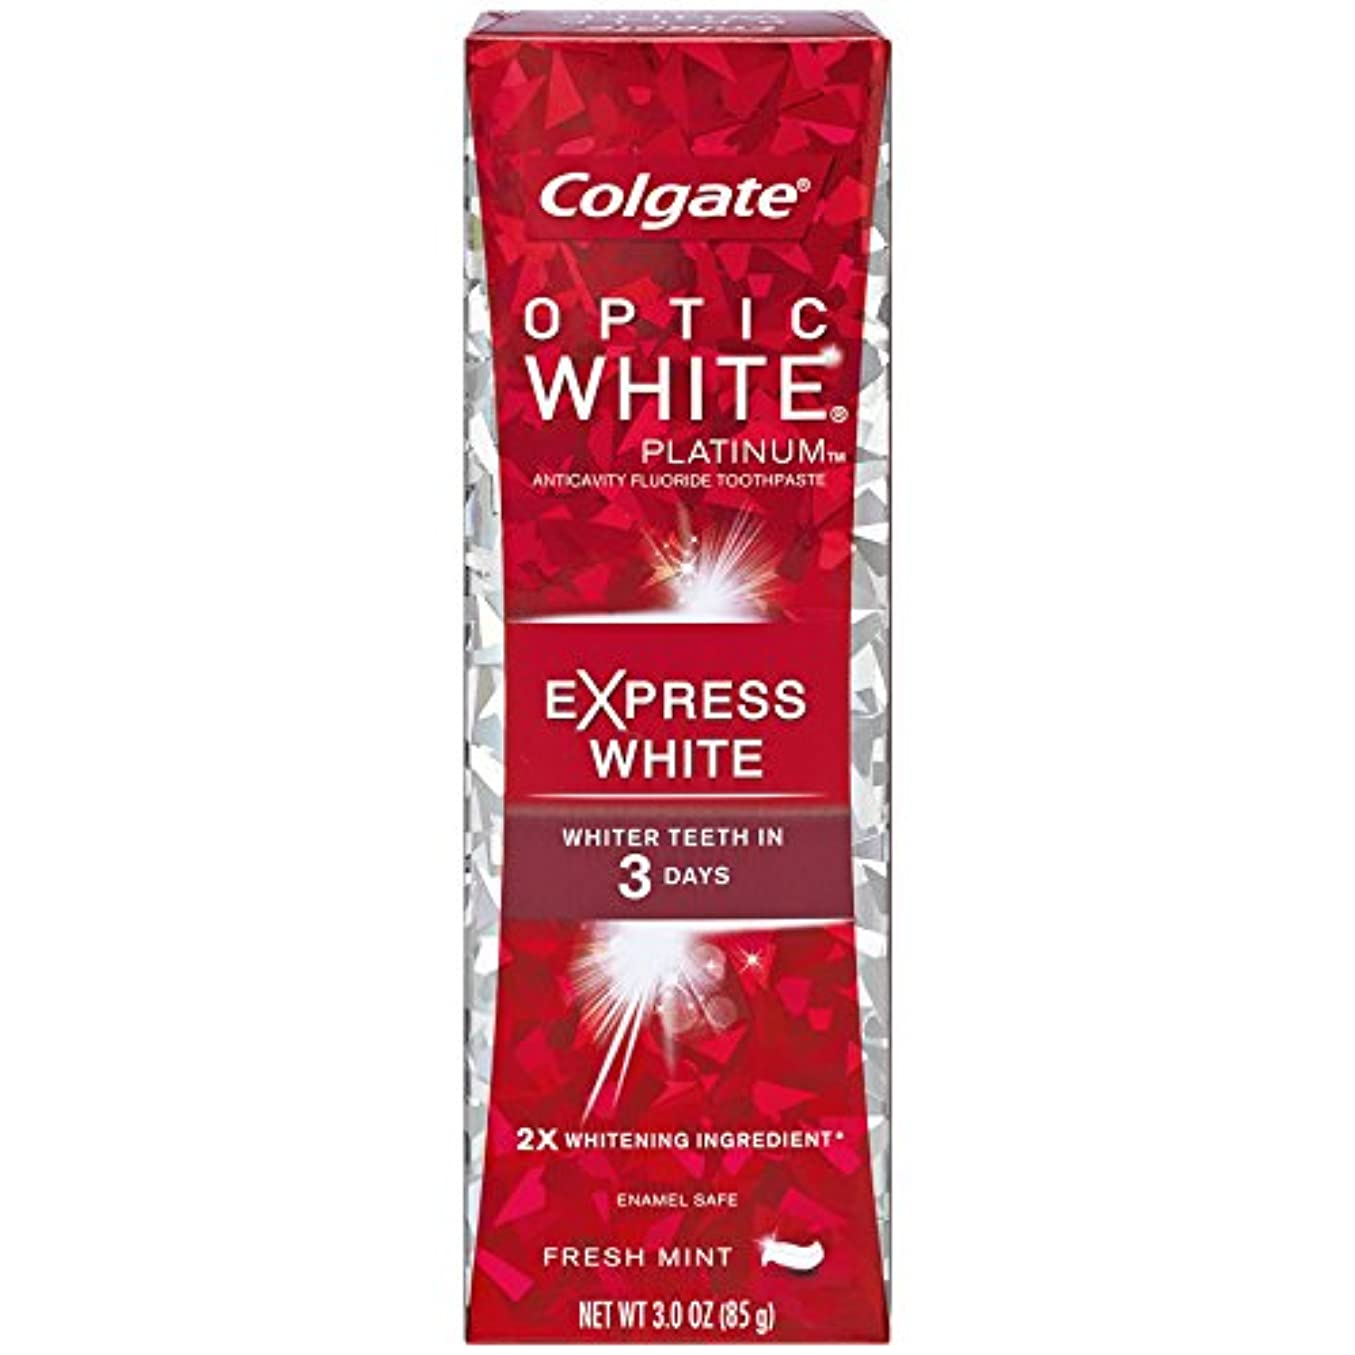 無視ダニ無視コルゲート 歯みがき粉 オプティック ホワイト 3Days エクスプレス ホワイト